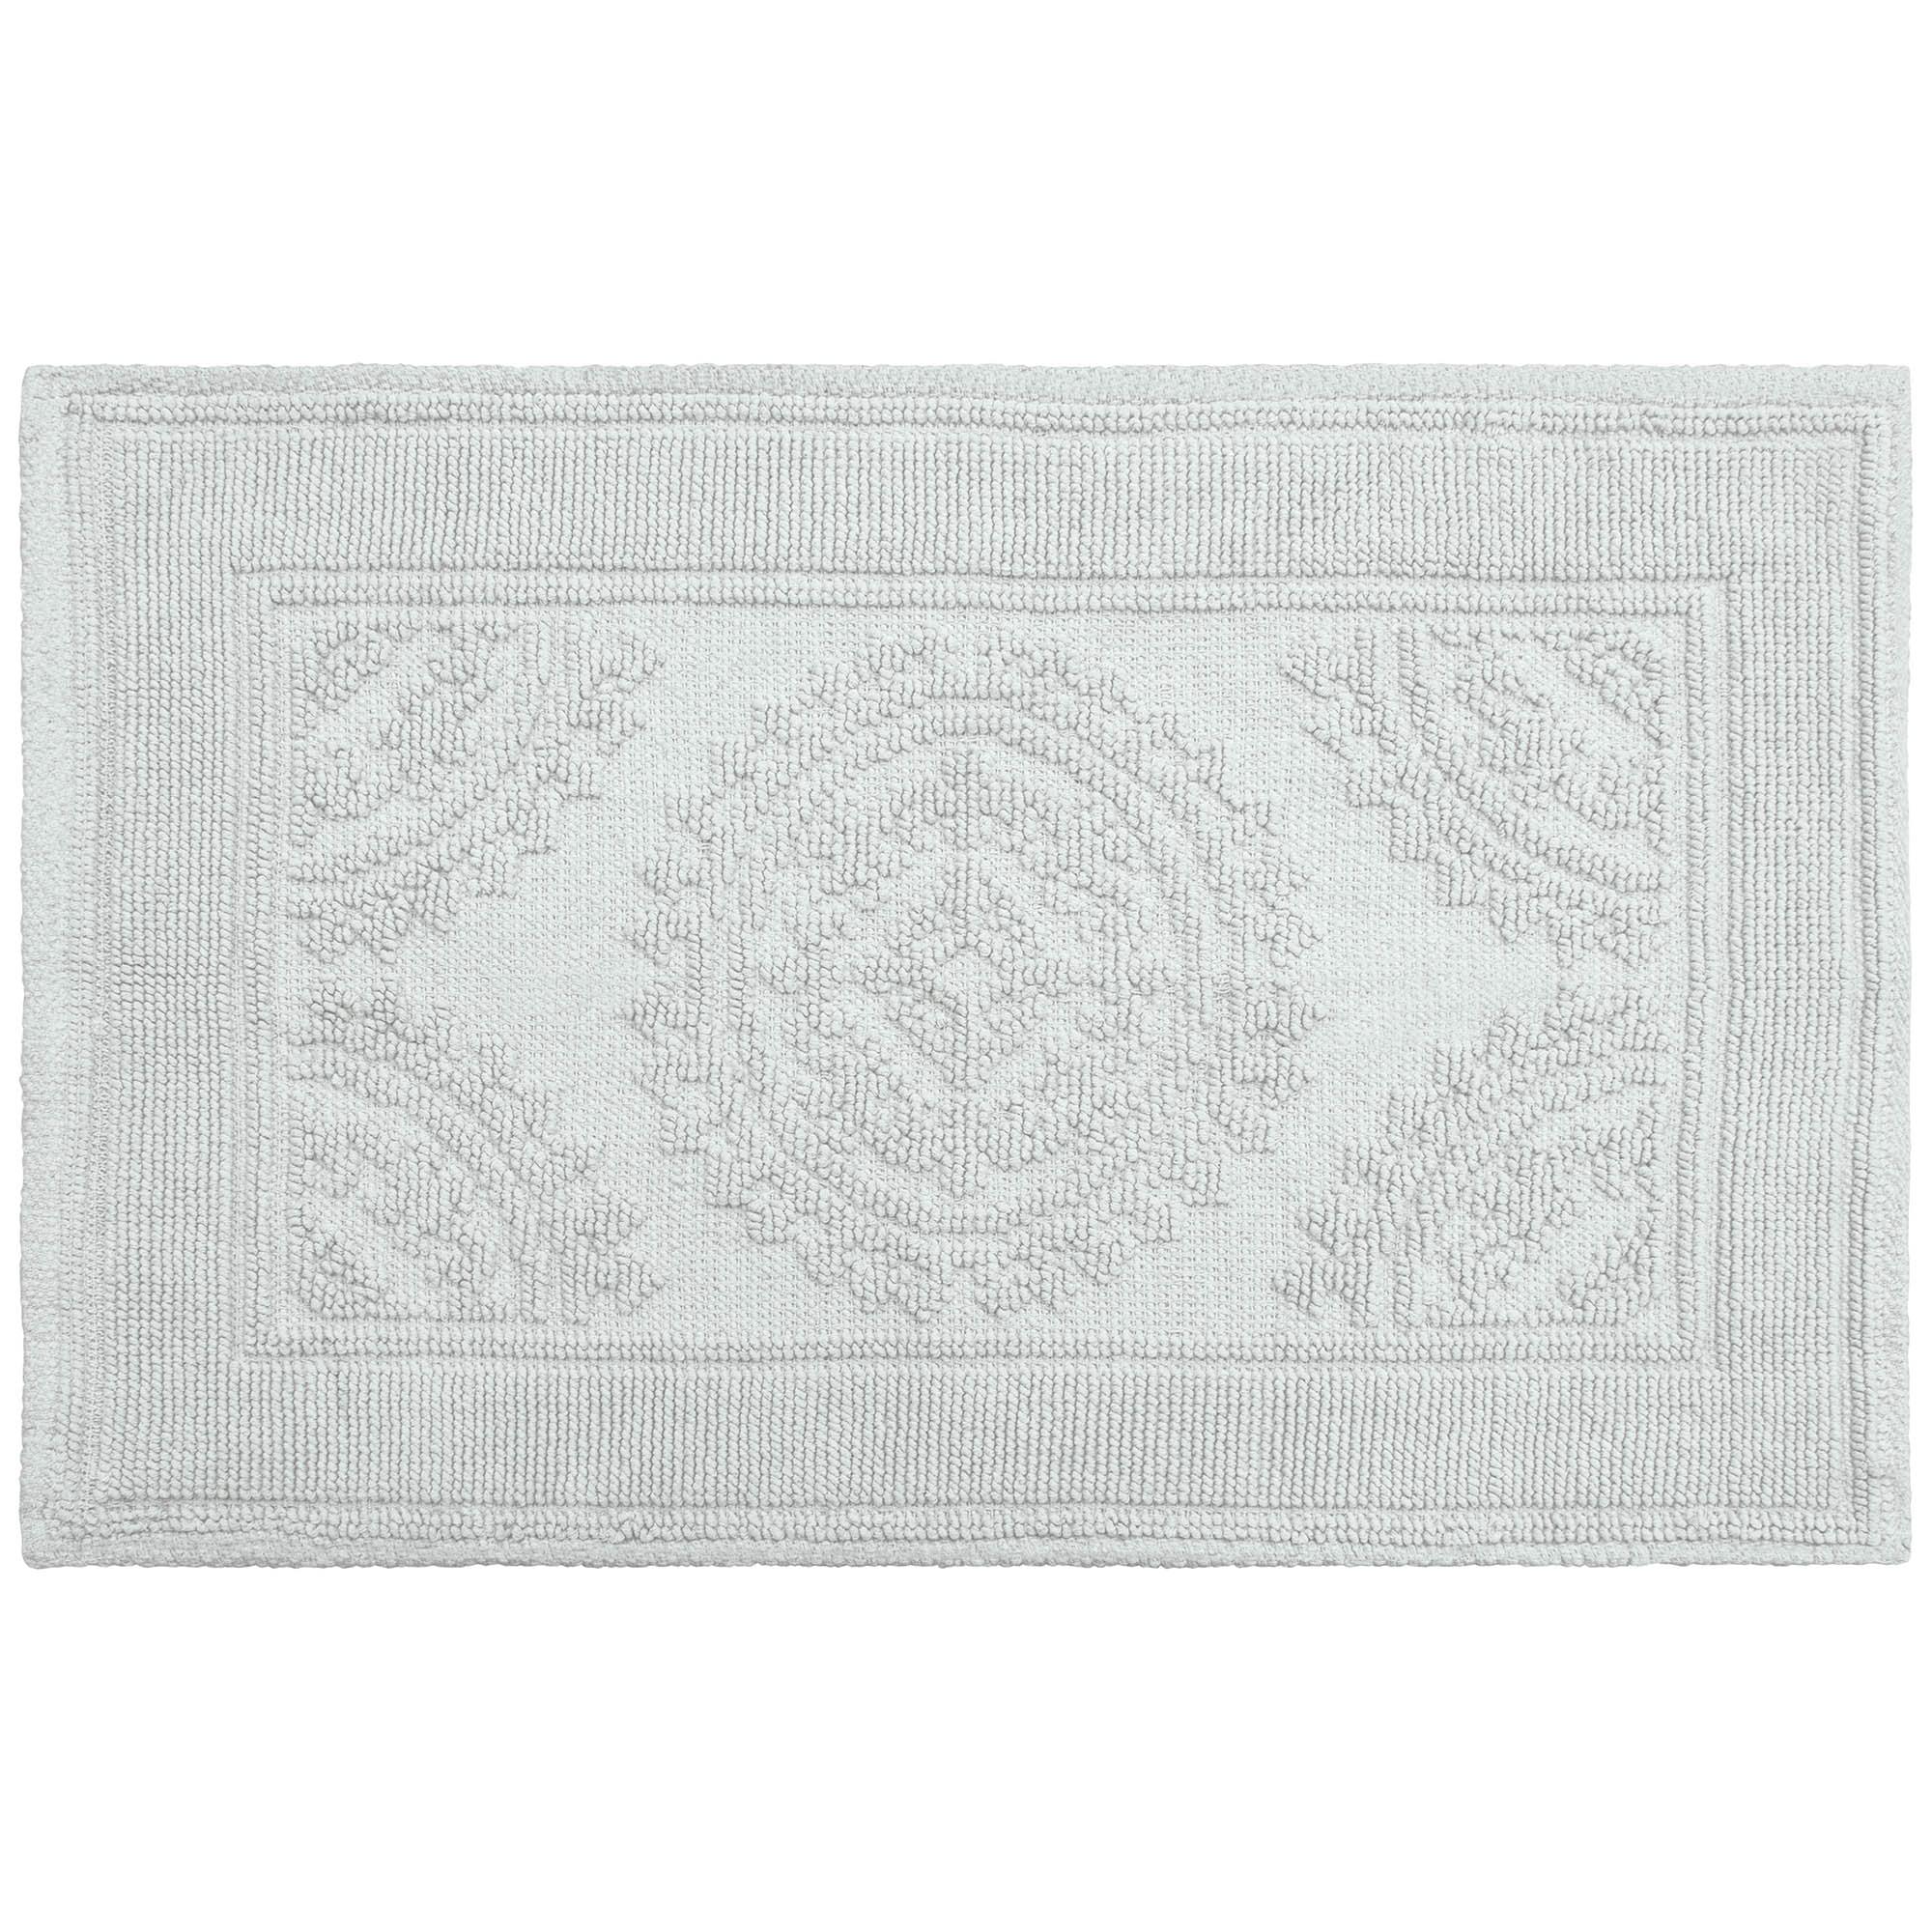 Jean Pierre Cotton StoNewash Medallion 17x24 in. Bath Rug, Marine Blue by YMF Carpets, Inc.